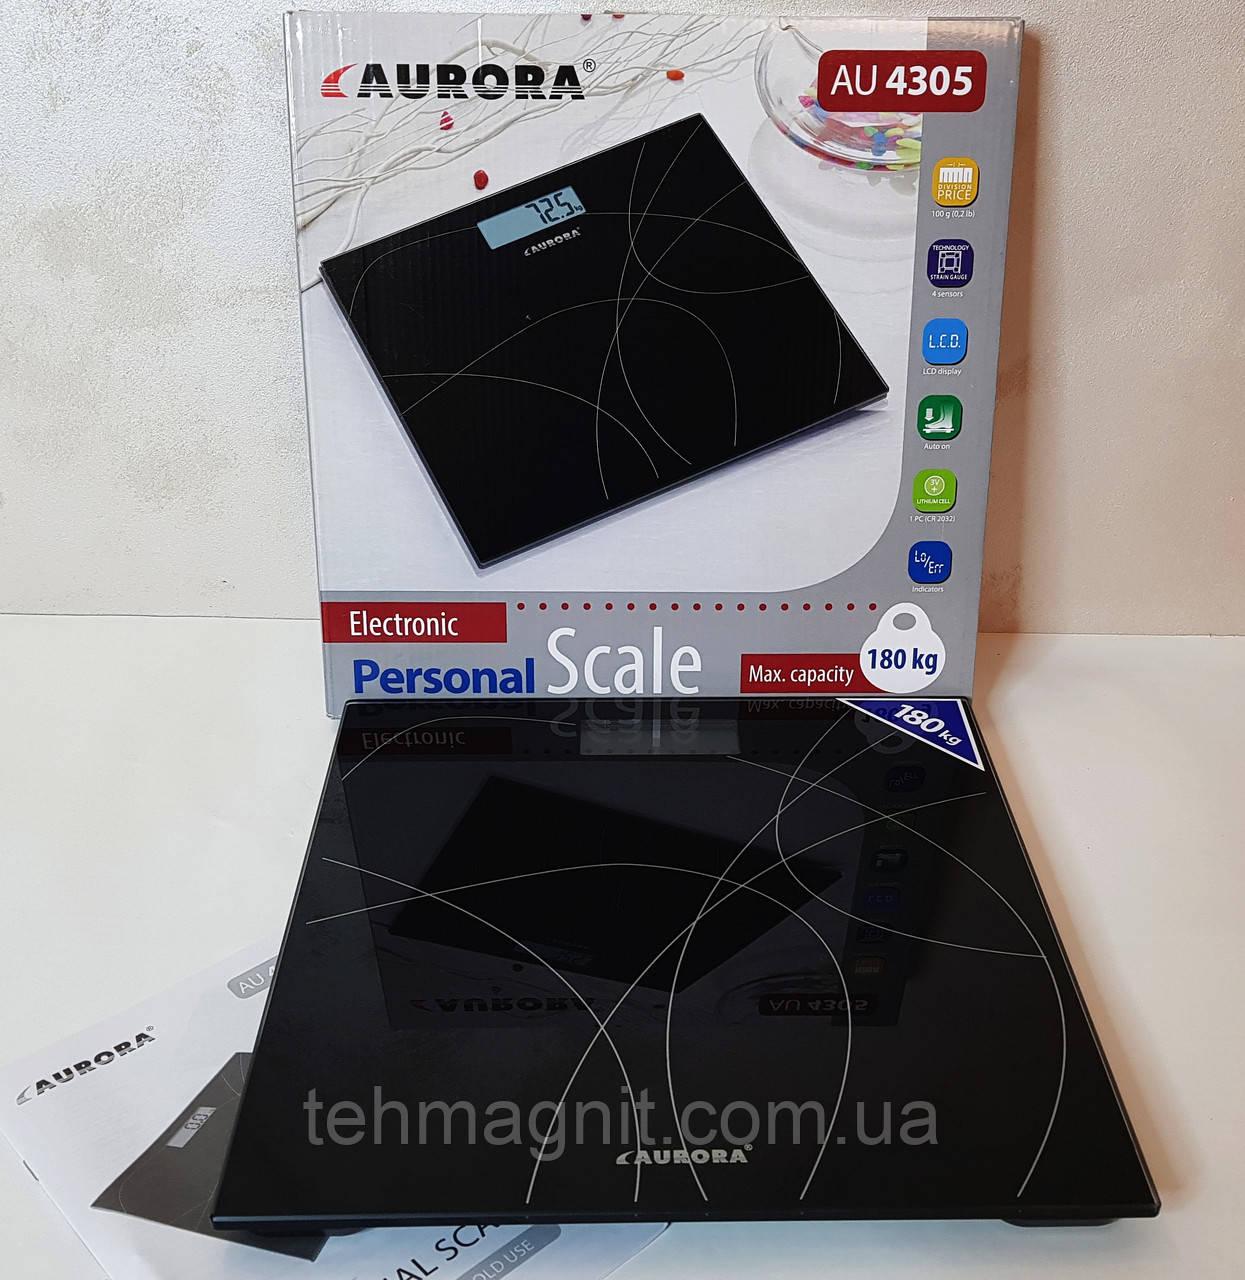 Ваги підлогові електронні Aurora AU-4305